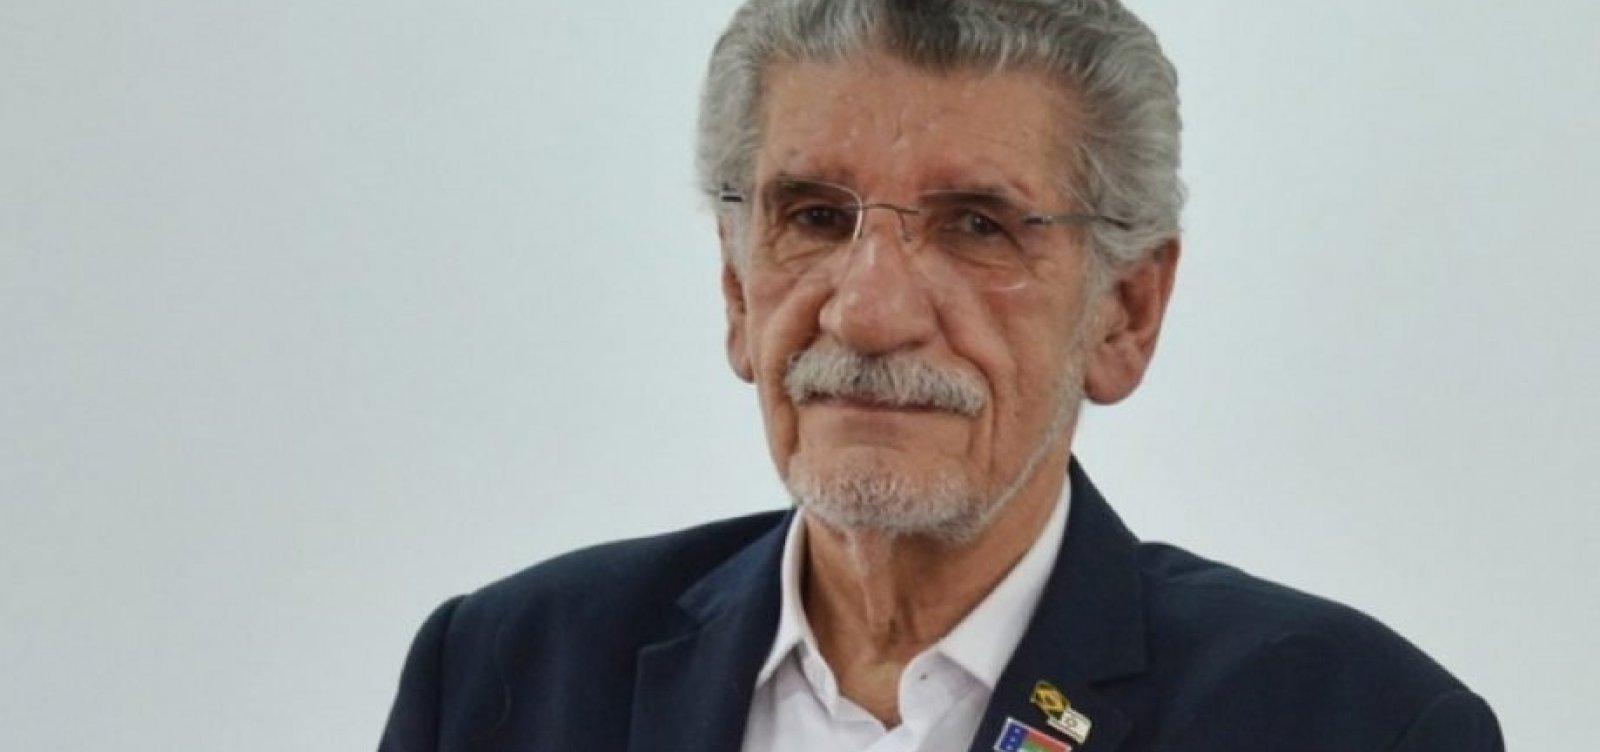 Internado com Covid-19, prefeito reeleito de Vitória da Conquista toma posse em cerimônia online